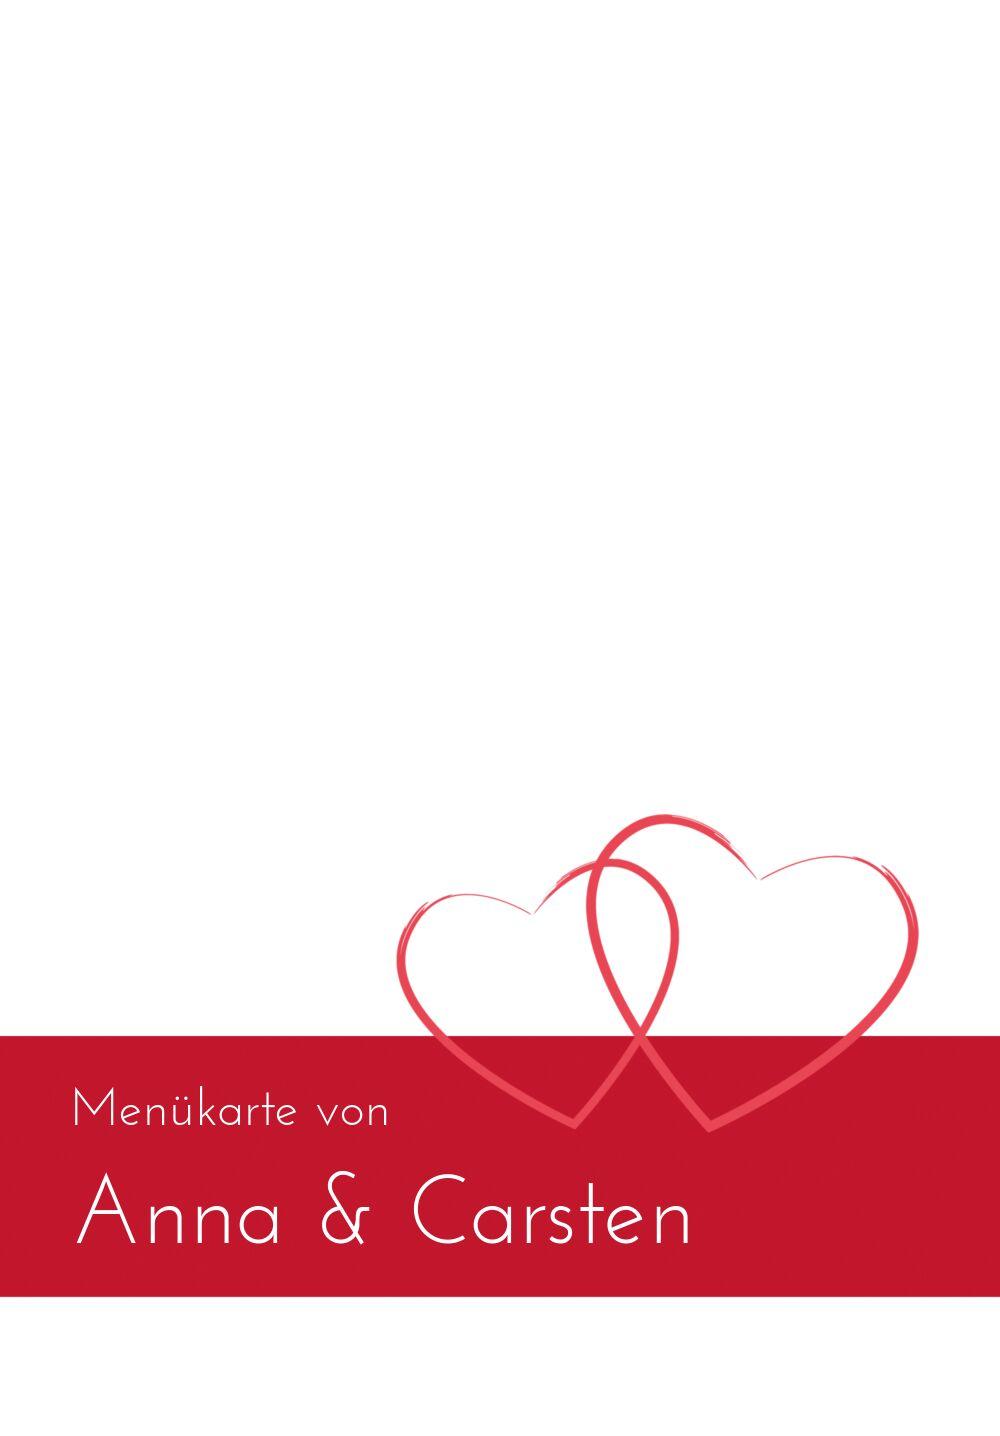 Ansicht 3 - Hochzeit Menükarte Herzensband